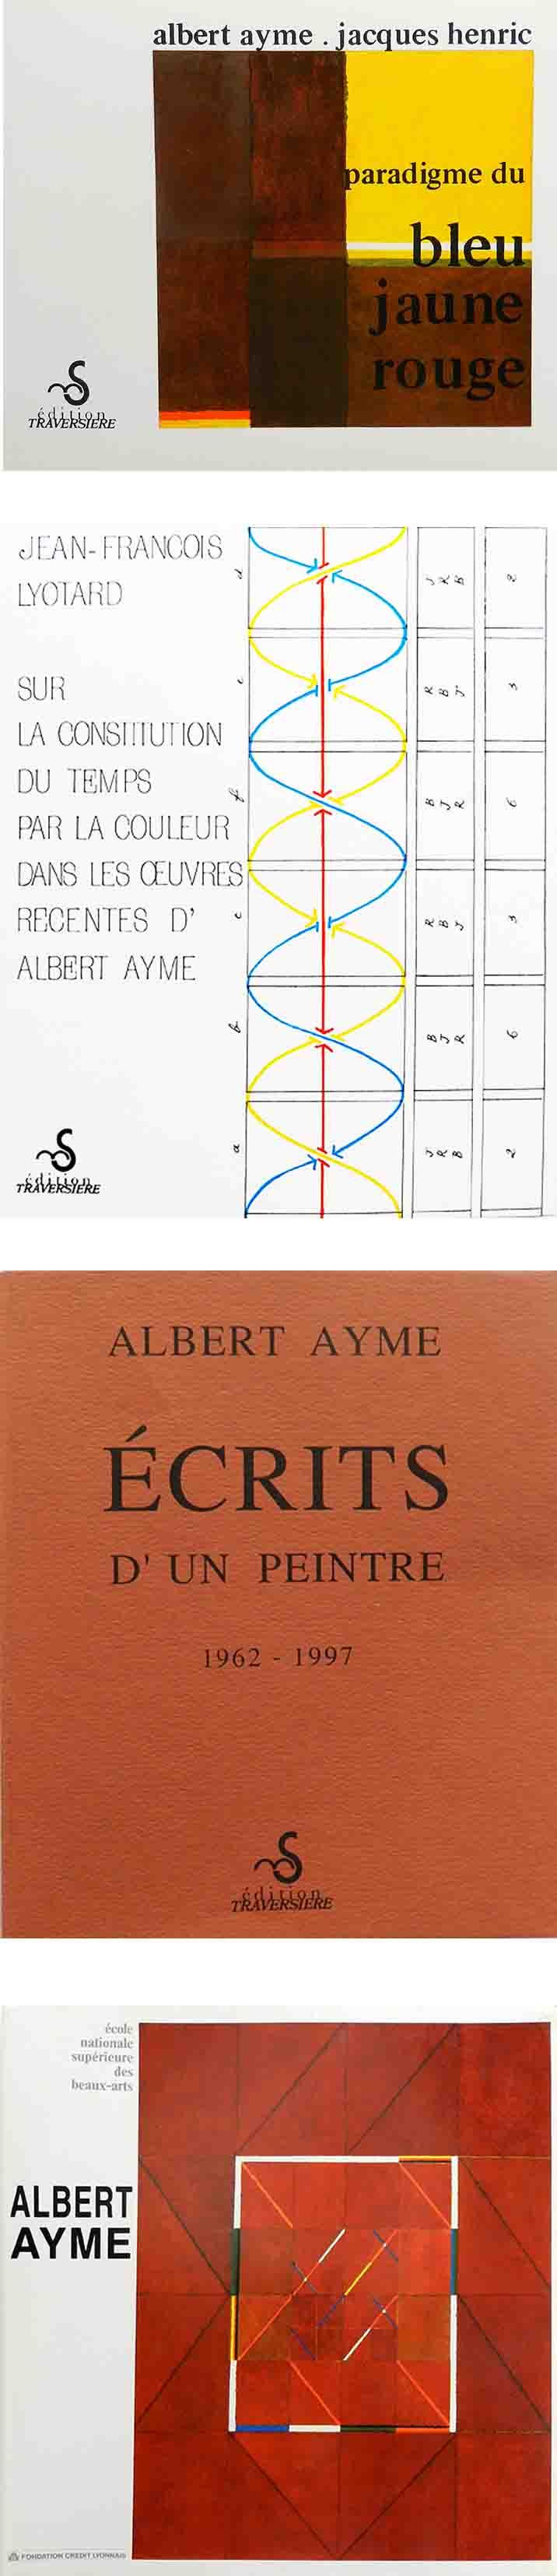 ALBERT AYME - SUITE DES 3 MÉMOIRES